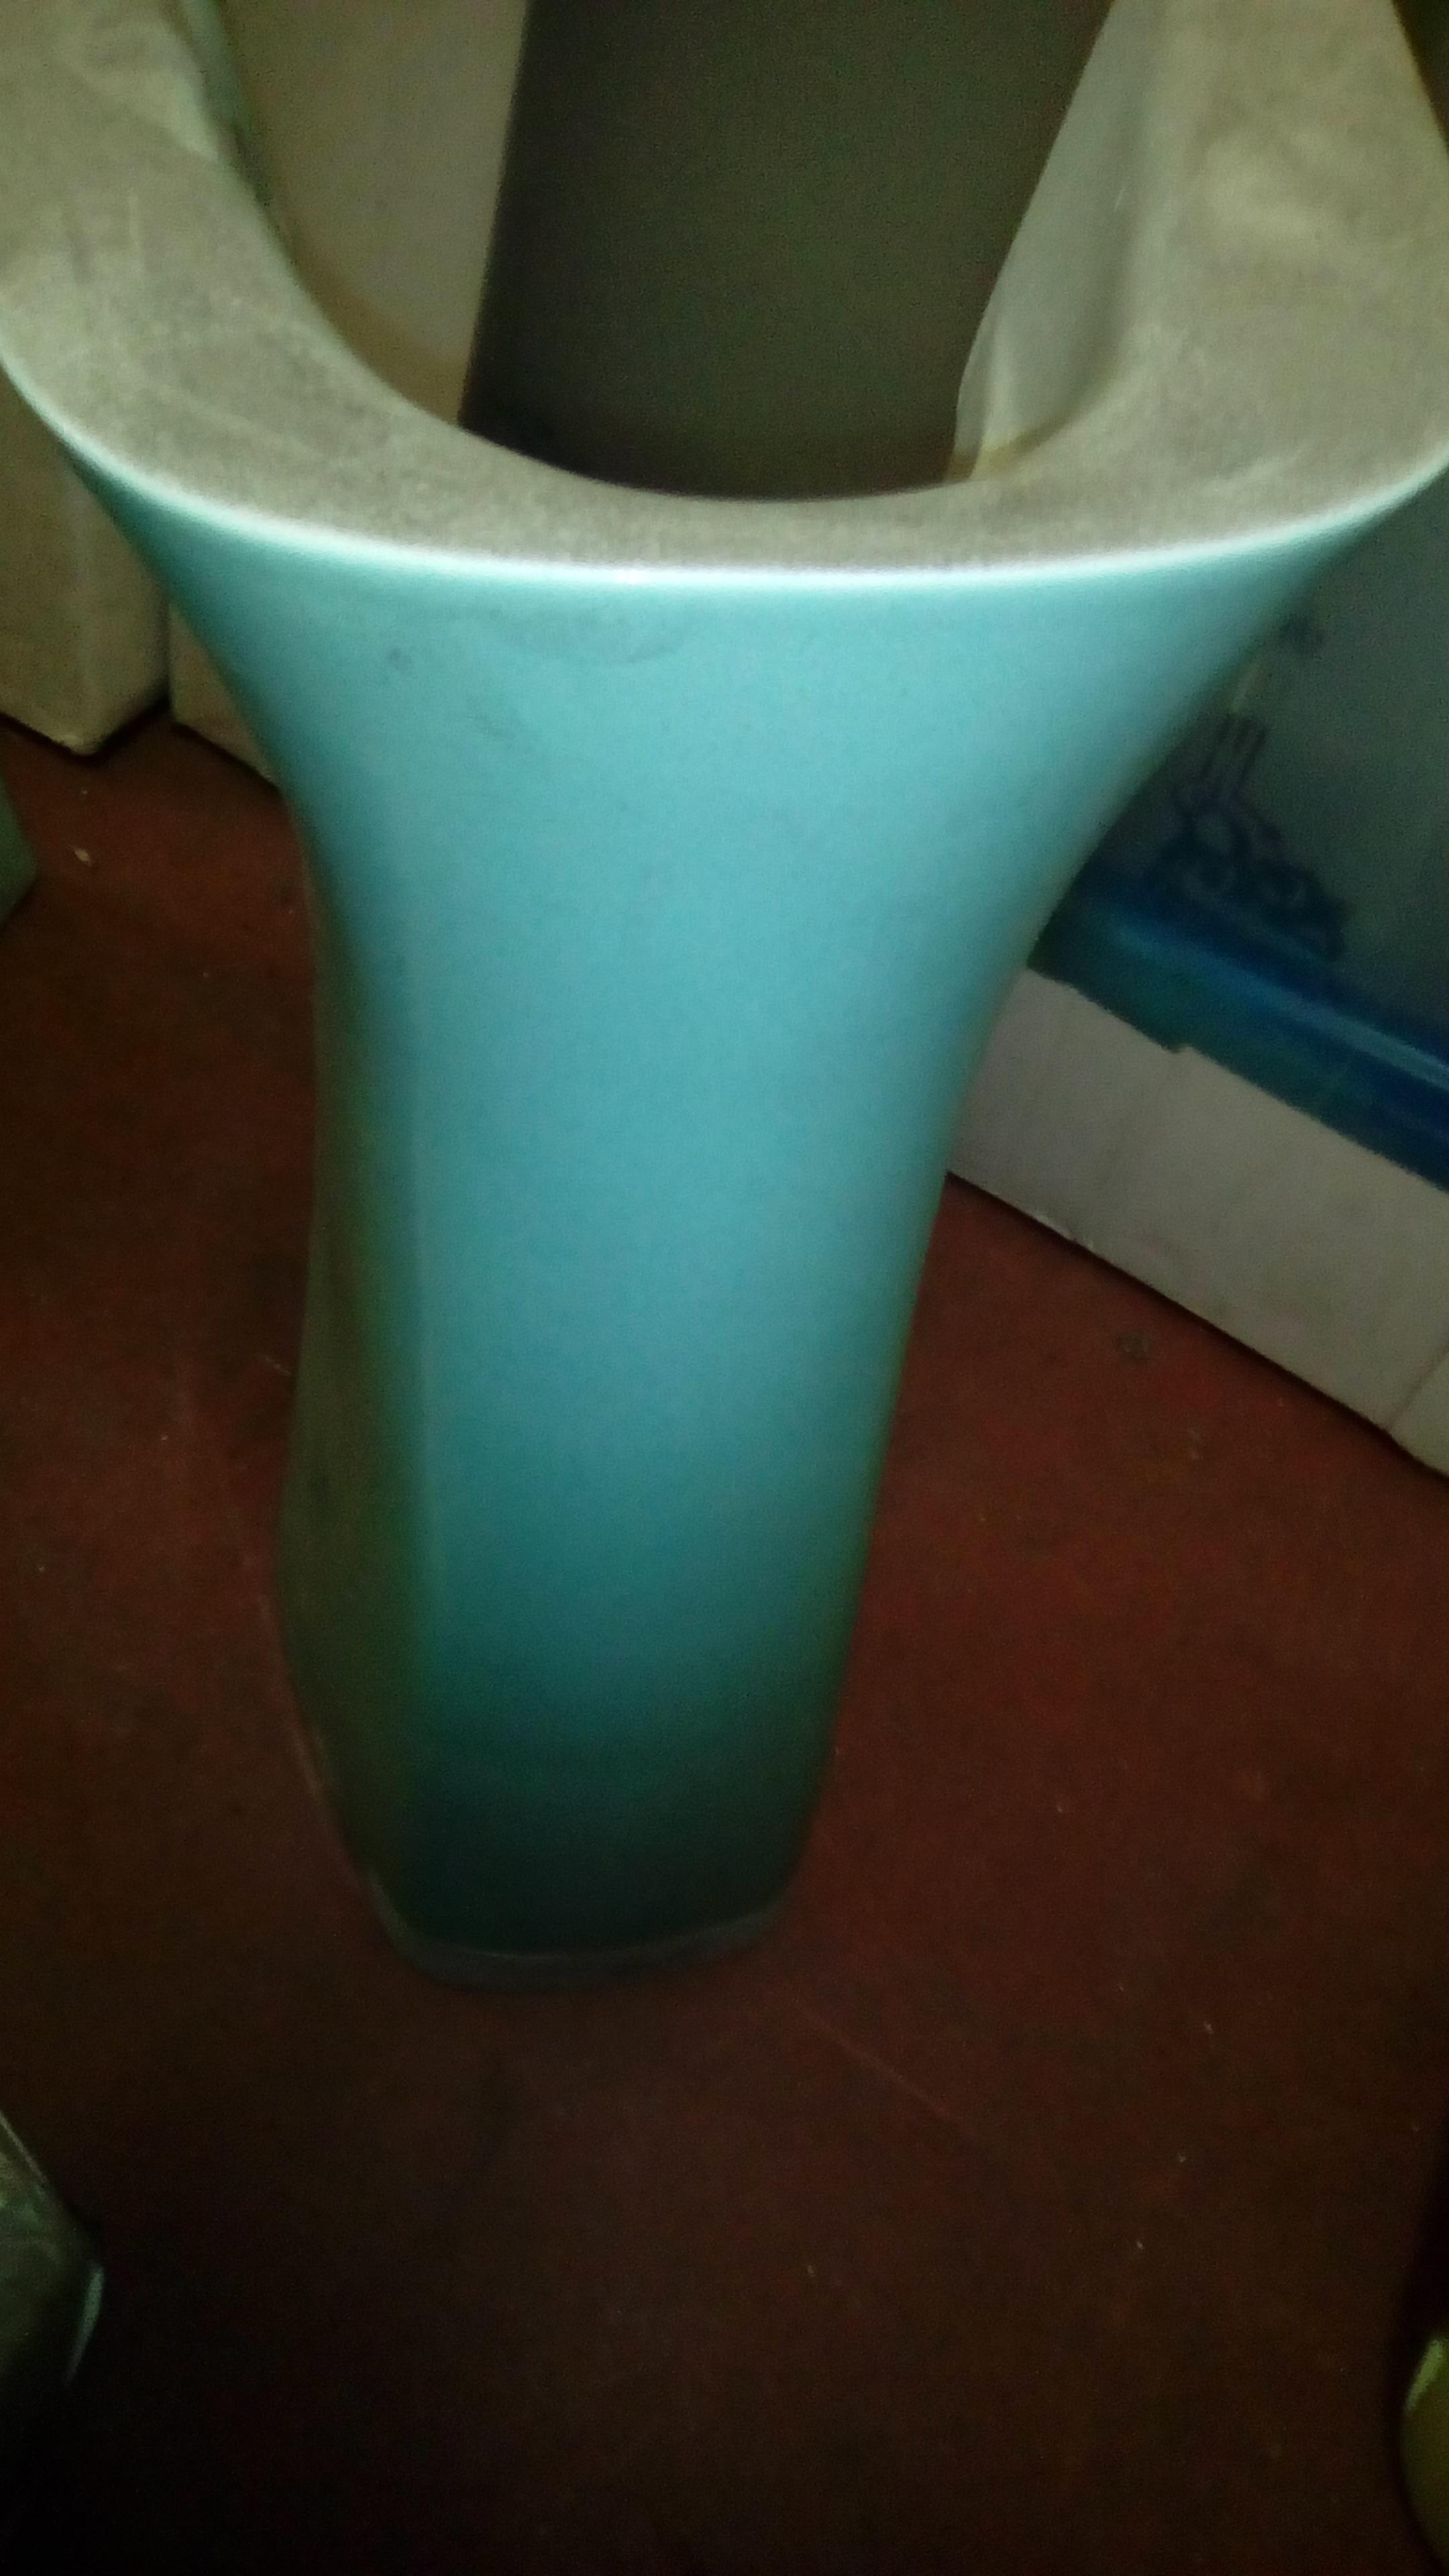 Turquoise Colour Bathrooms UK. Basins Baths Toilets Seats